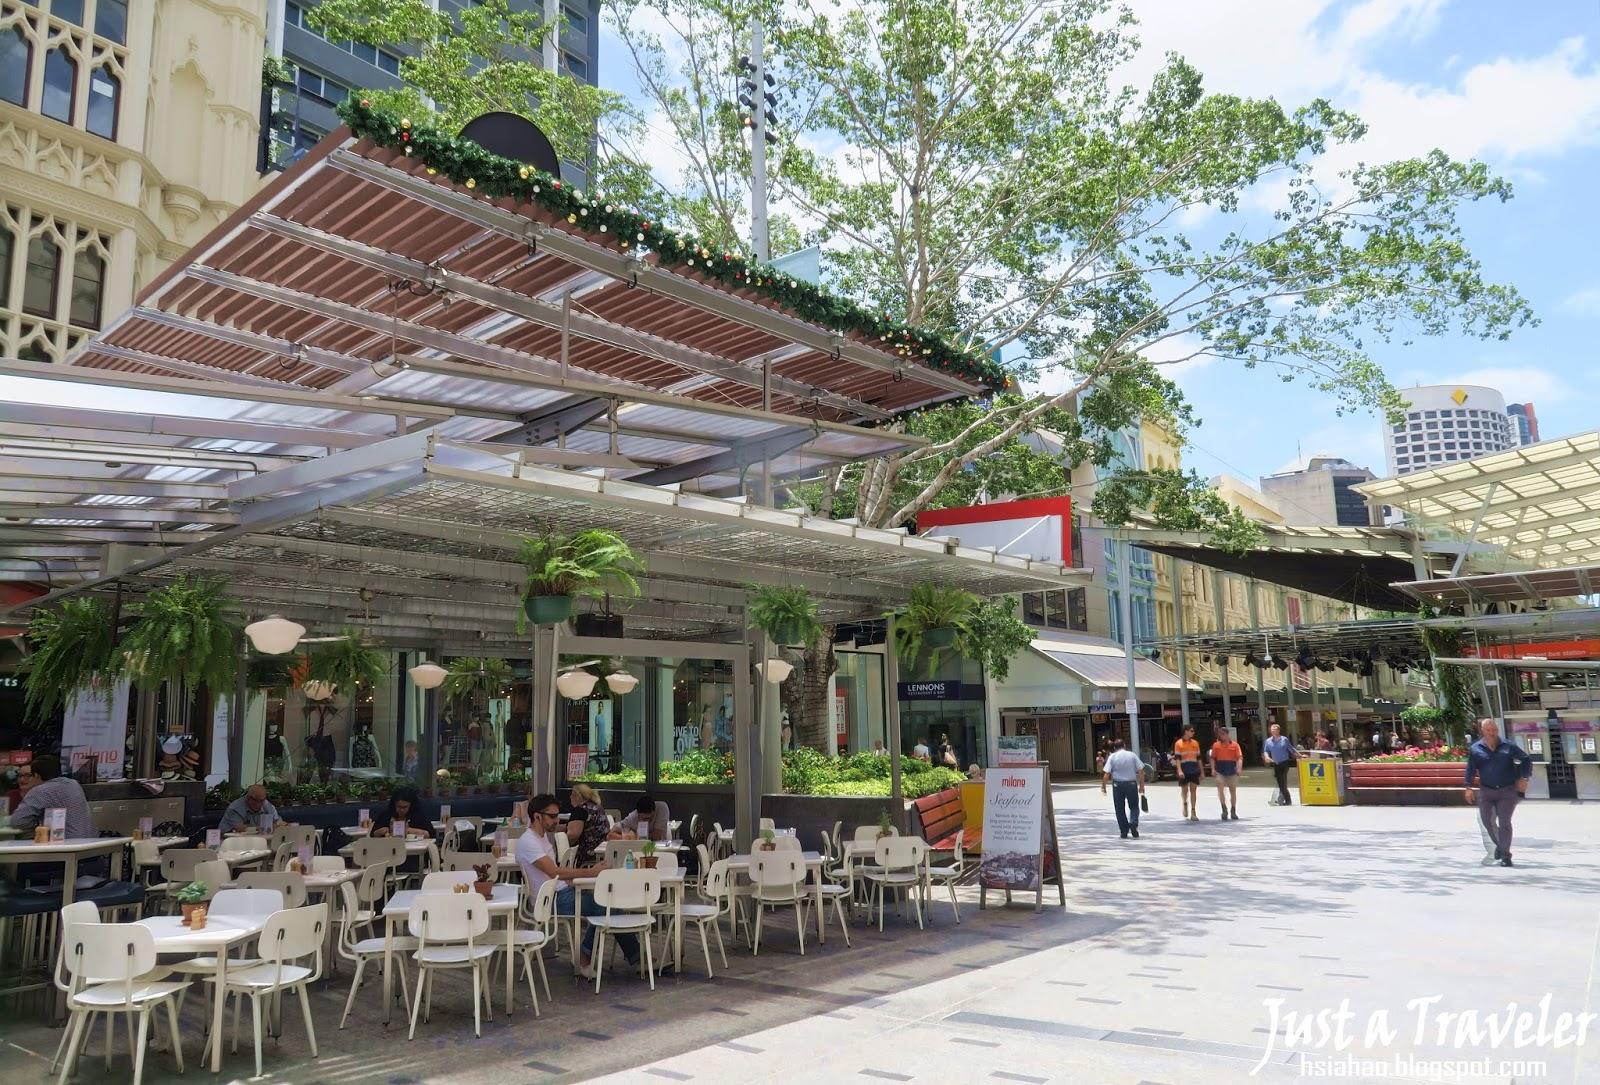 布里斯本-景點-推薦-皇后街-女王街-逛街購物-旅遊-自由行-澳洲-Brisbane-Queen-Street-Travel-Tourist-Attraction-Australia